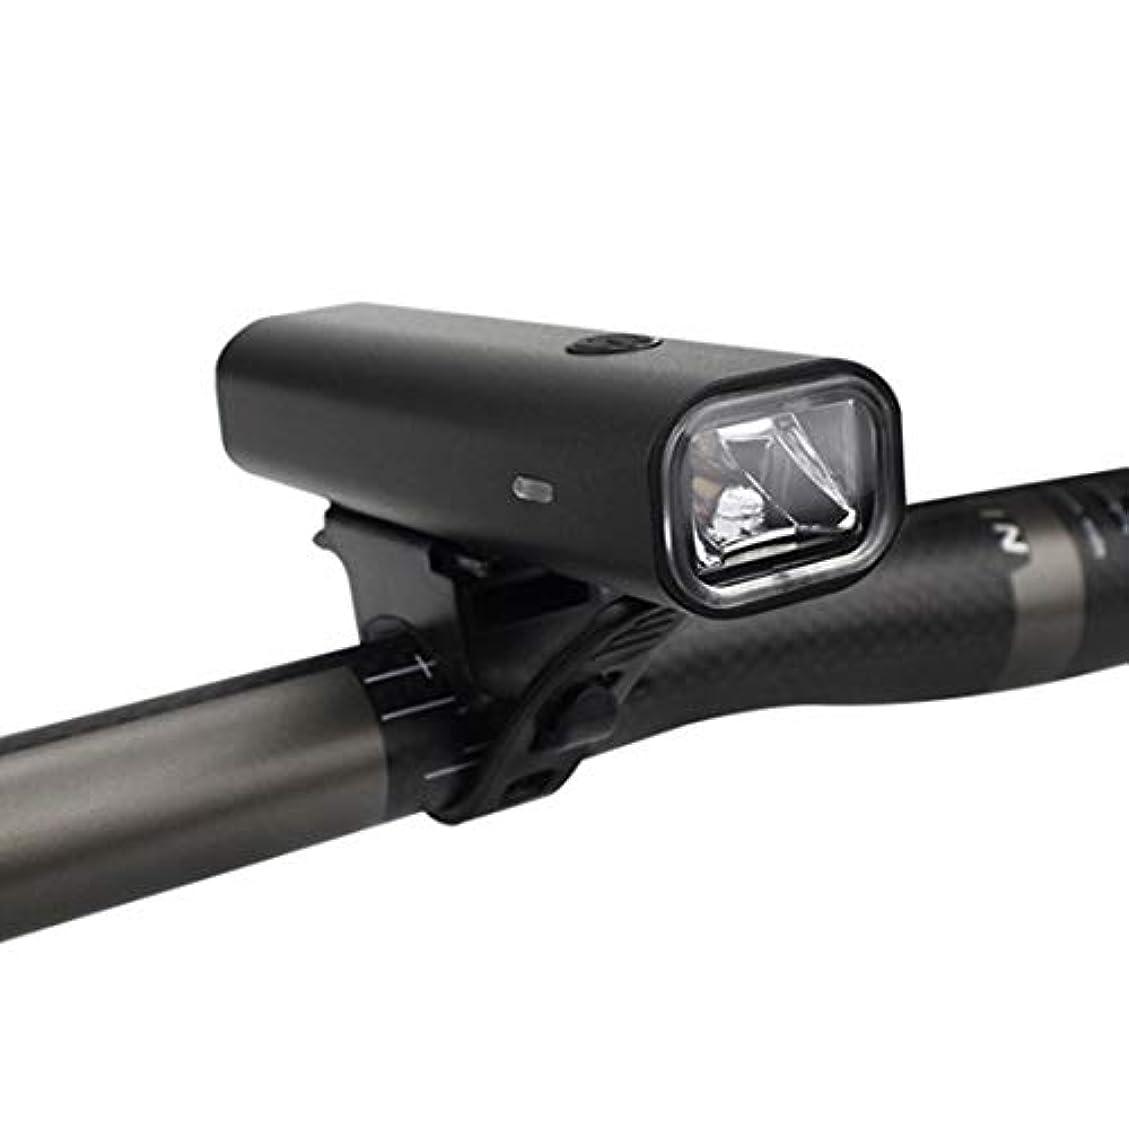 間隔故意に団結Doyvanntgo 自転車ライトヘッドライト懐中電灯グレア充電マウンテンバイクライトライディング機器 (Color : ブラック)